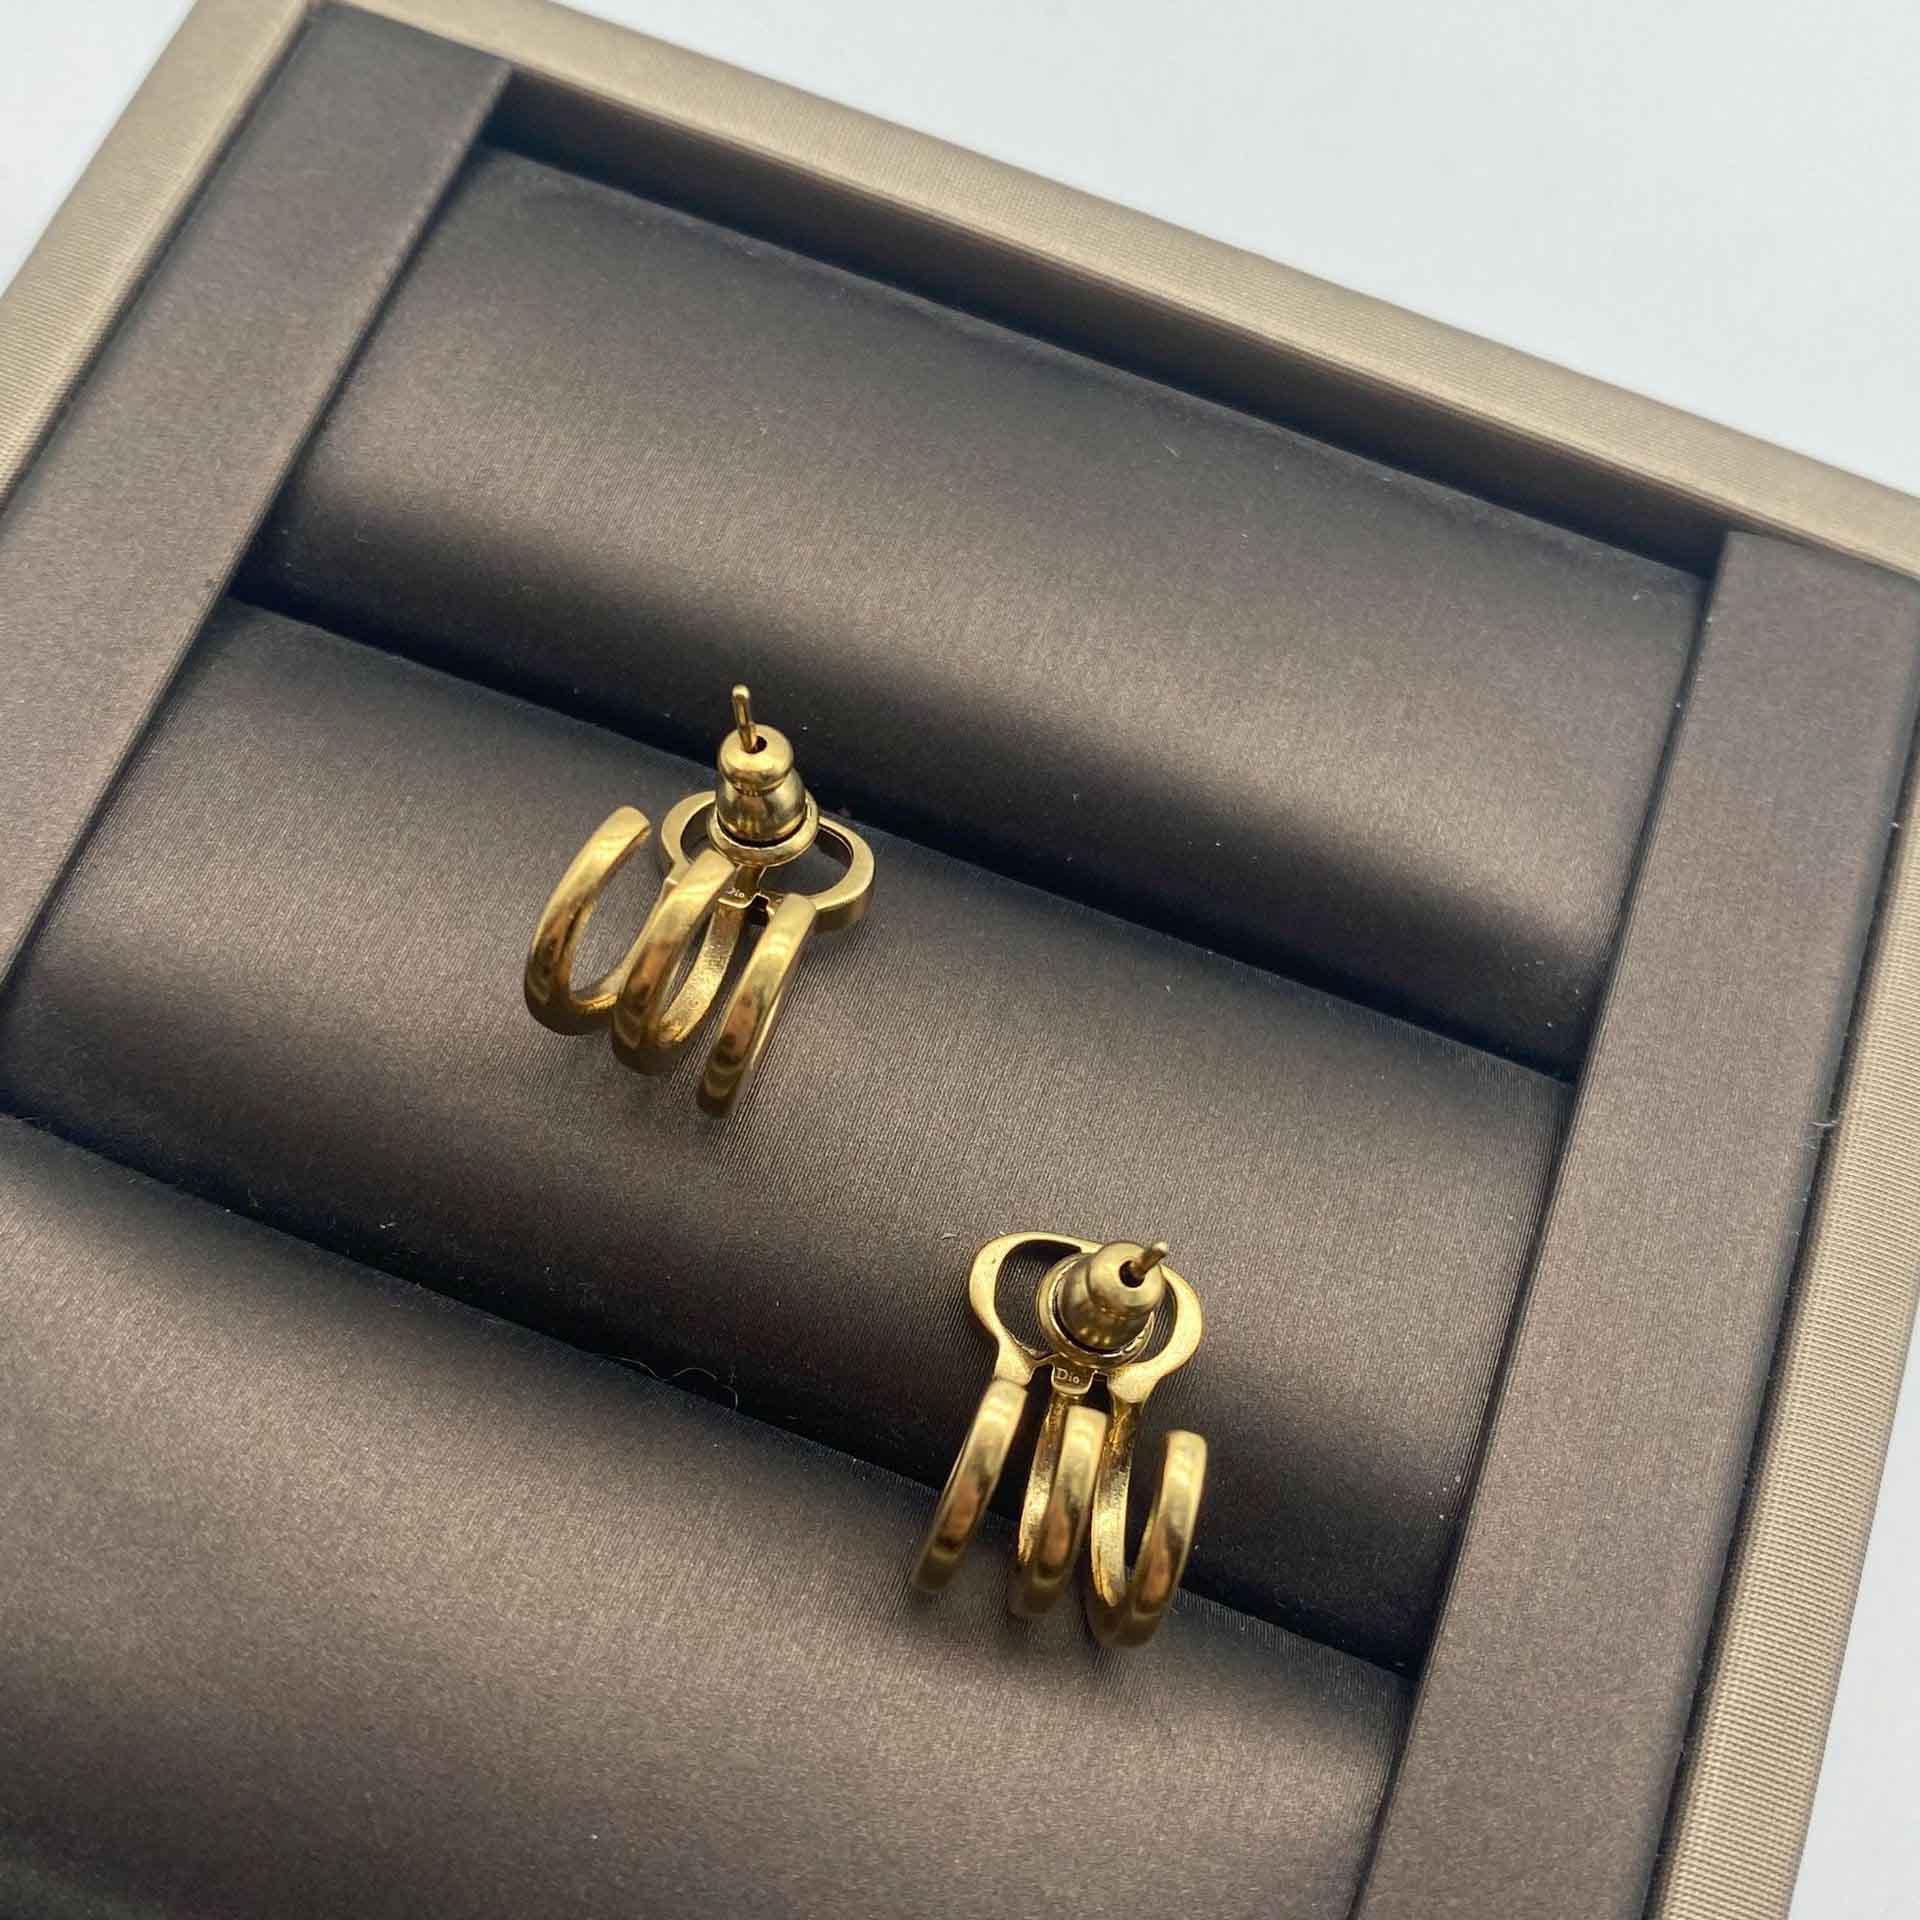 2021 Горячие Продажи Высочайшее Качество Шпильки Серьги в 18 тыс. Позолота для женщин Свадебные украшения Подарок с коробкой Бесплатная доставка PS4276